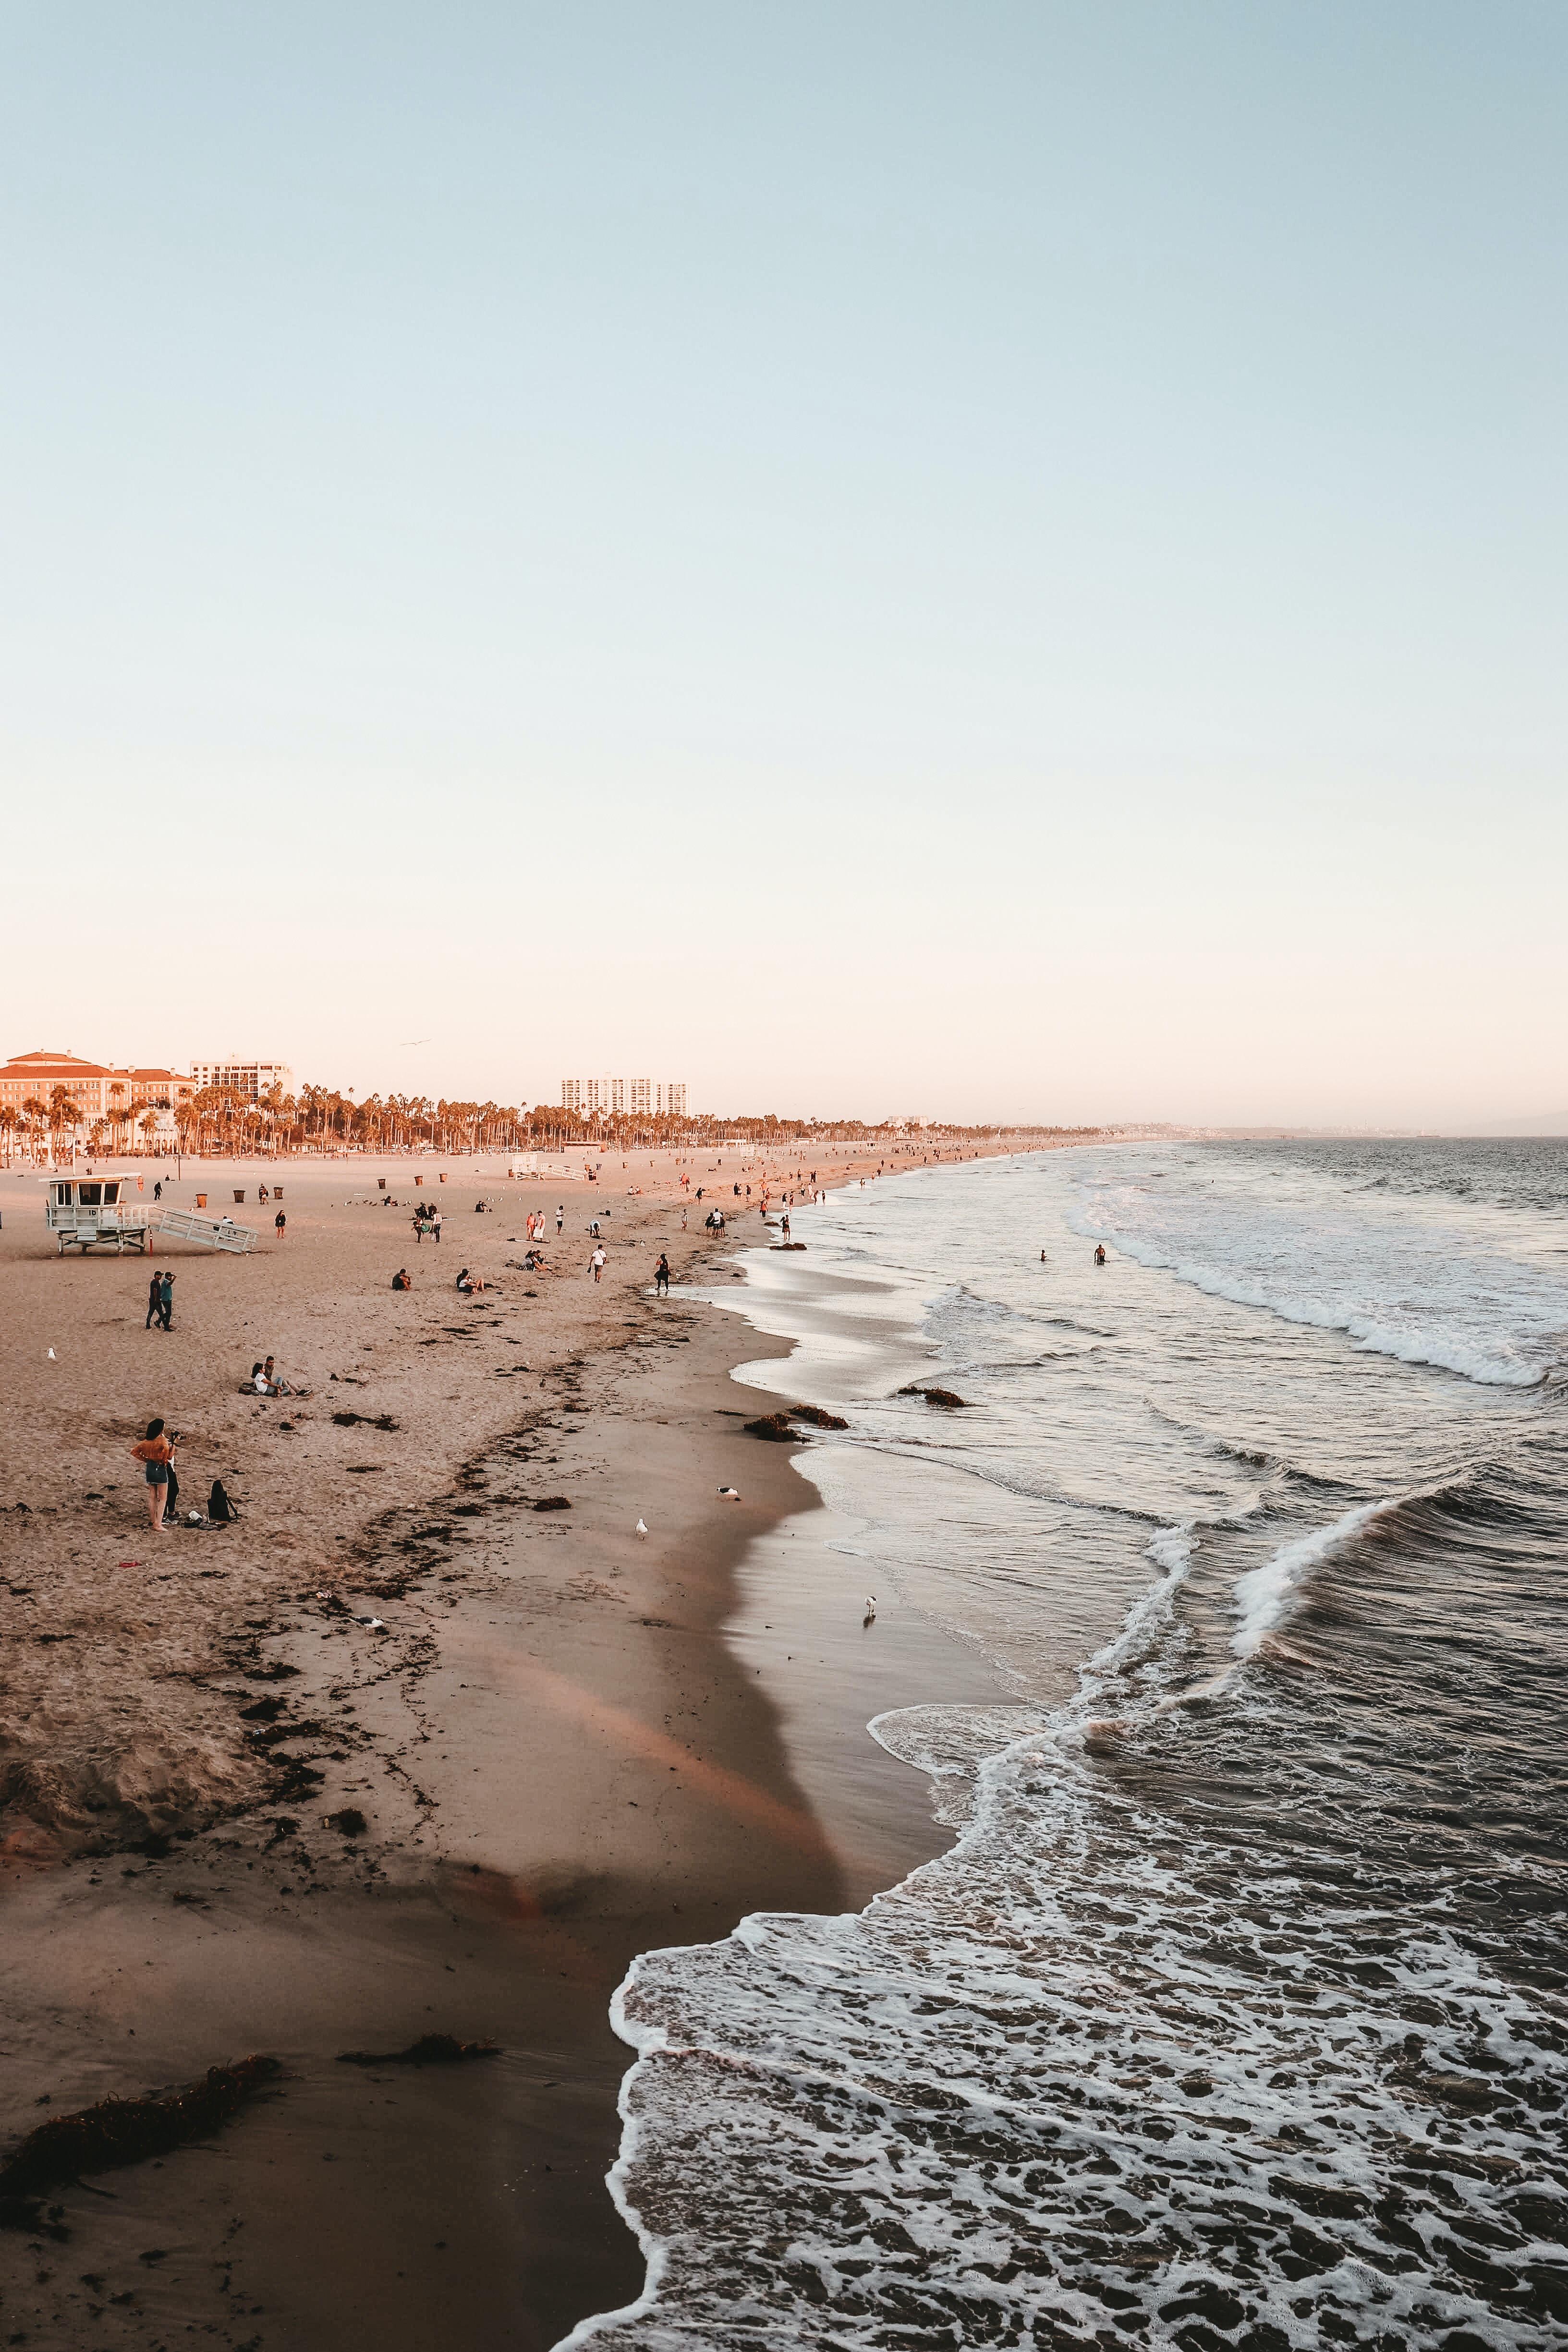 people on seashore near sea at daytime